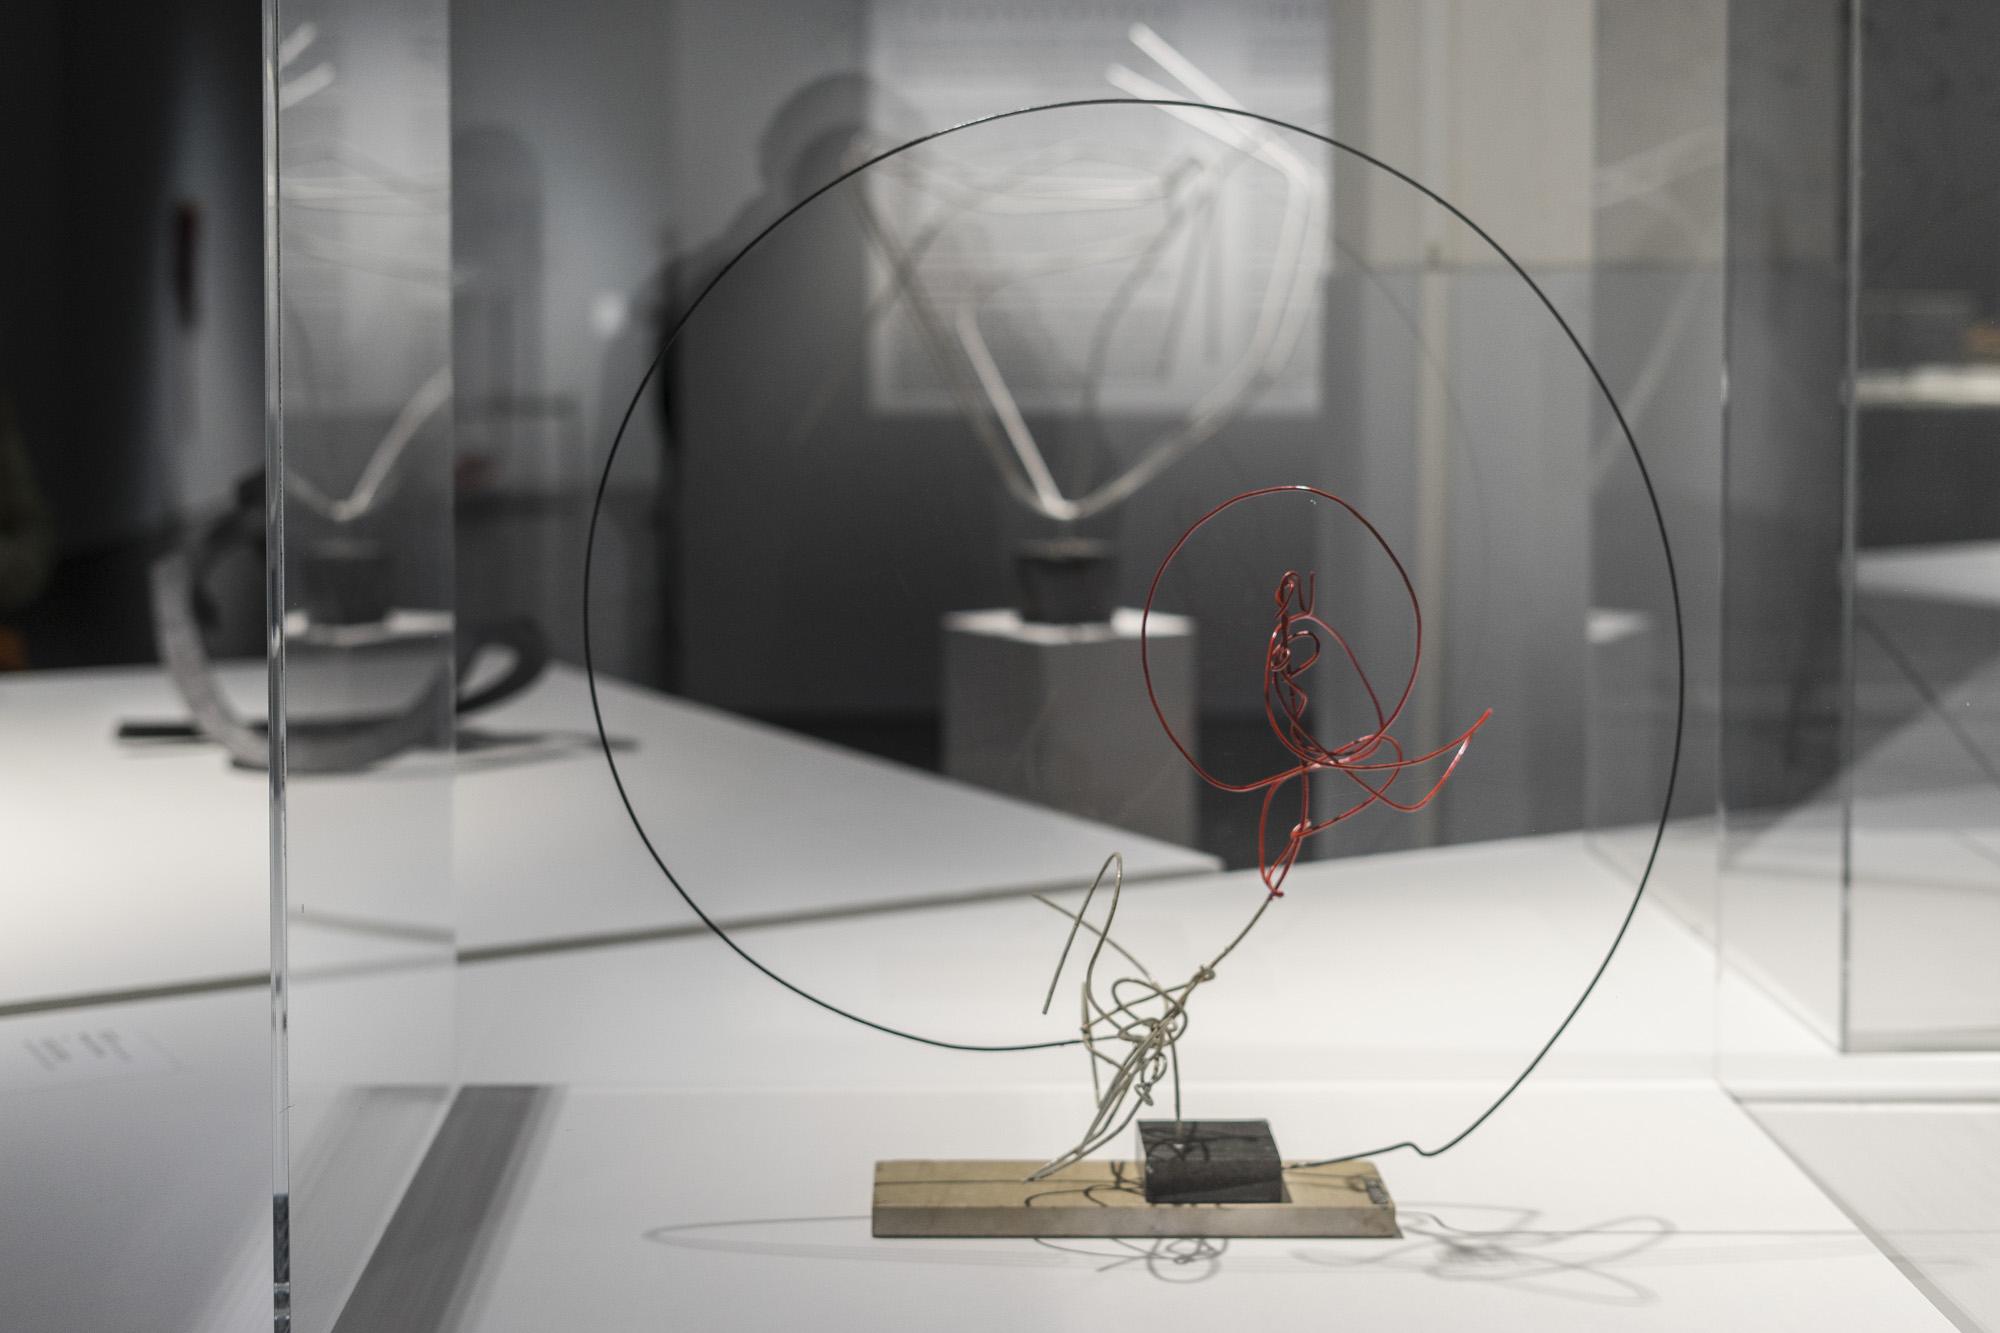 Ritmos en el círculo, 1950. Obra de Enio Iommi, perteneciente a la fundación Daros. Foto: Leonardo Antoniadis.